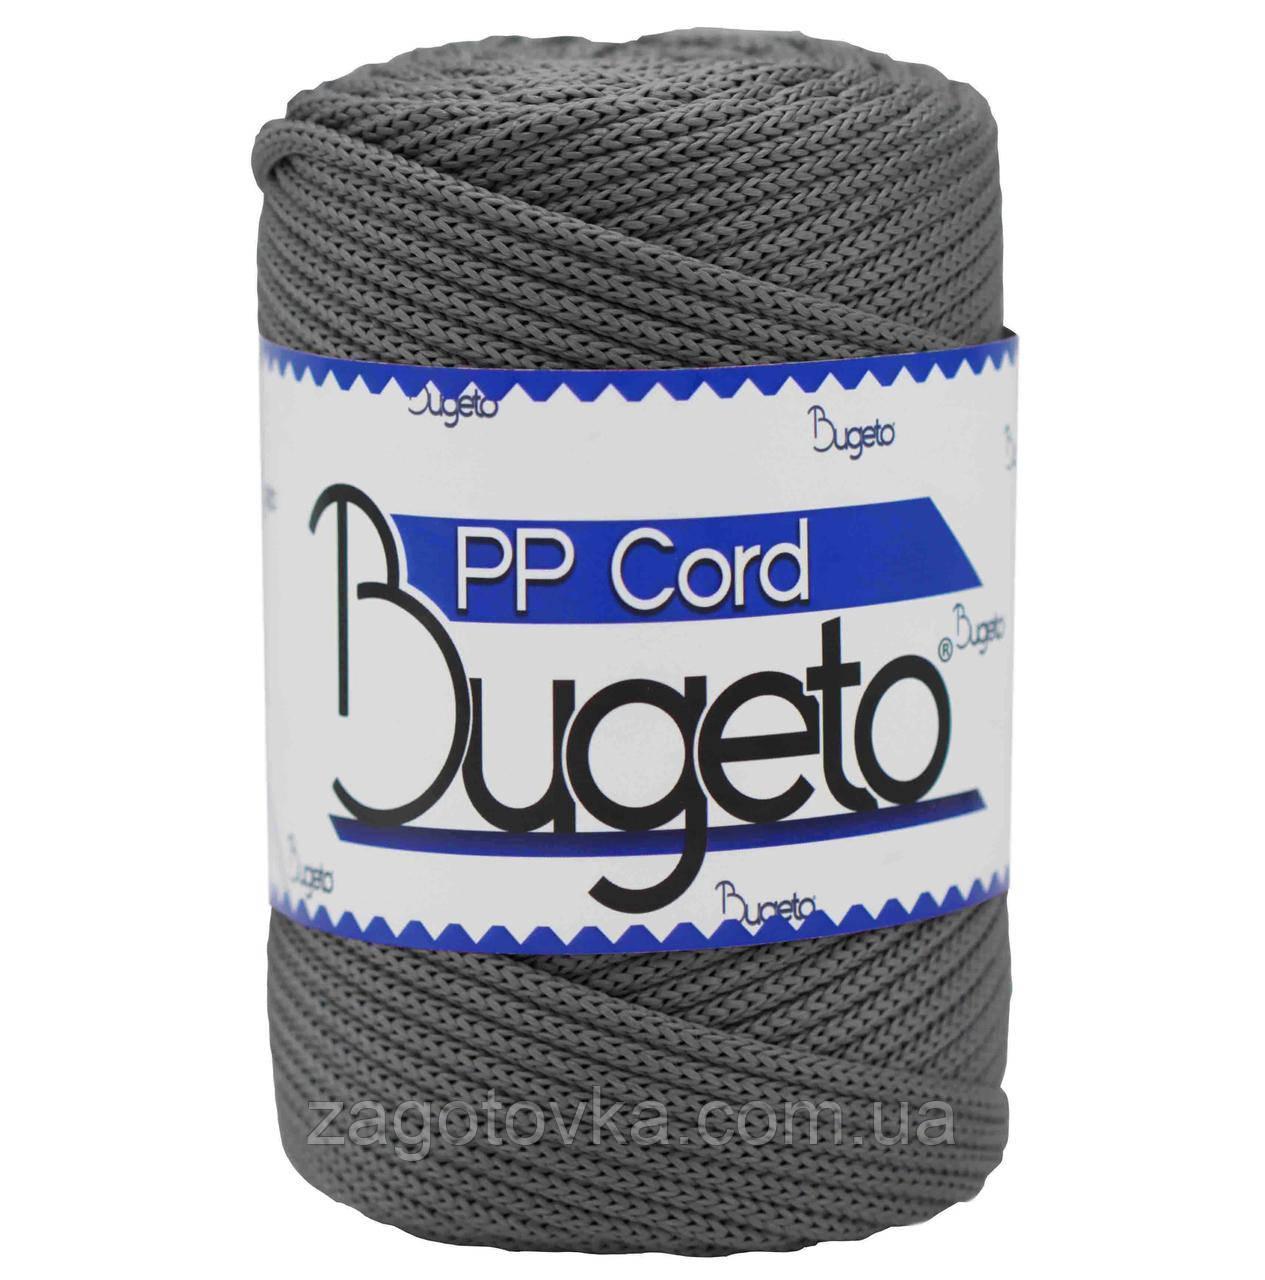 Полипропиленовый шнур Bugeto PP Cord 5mm, Серый